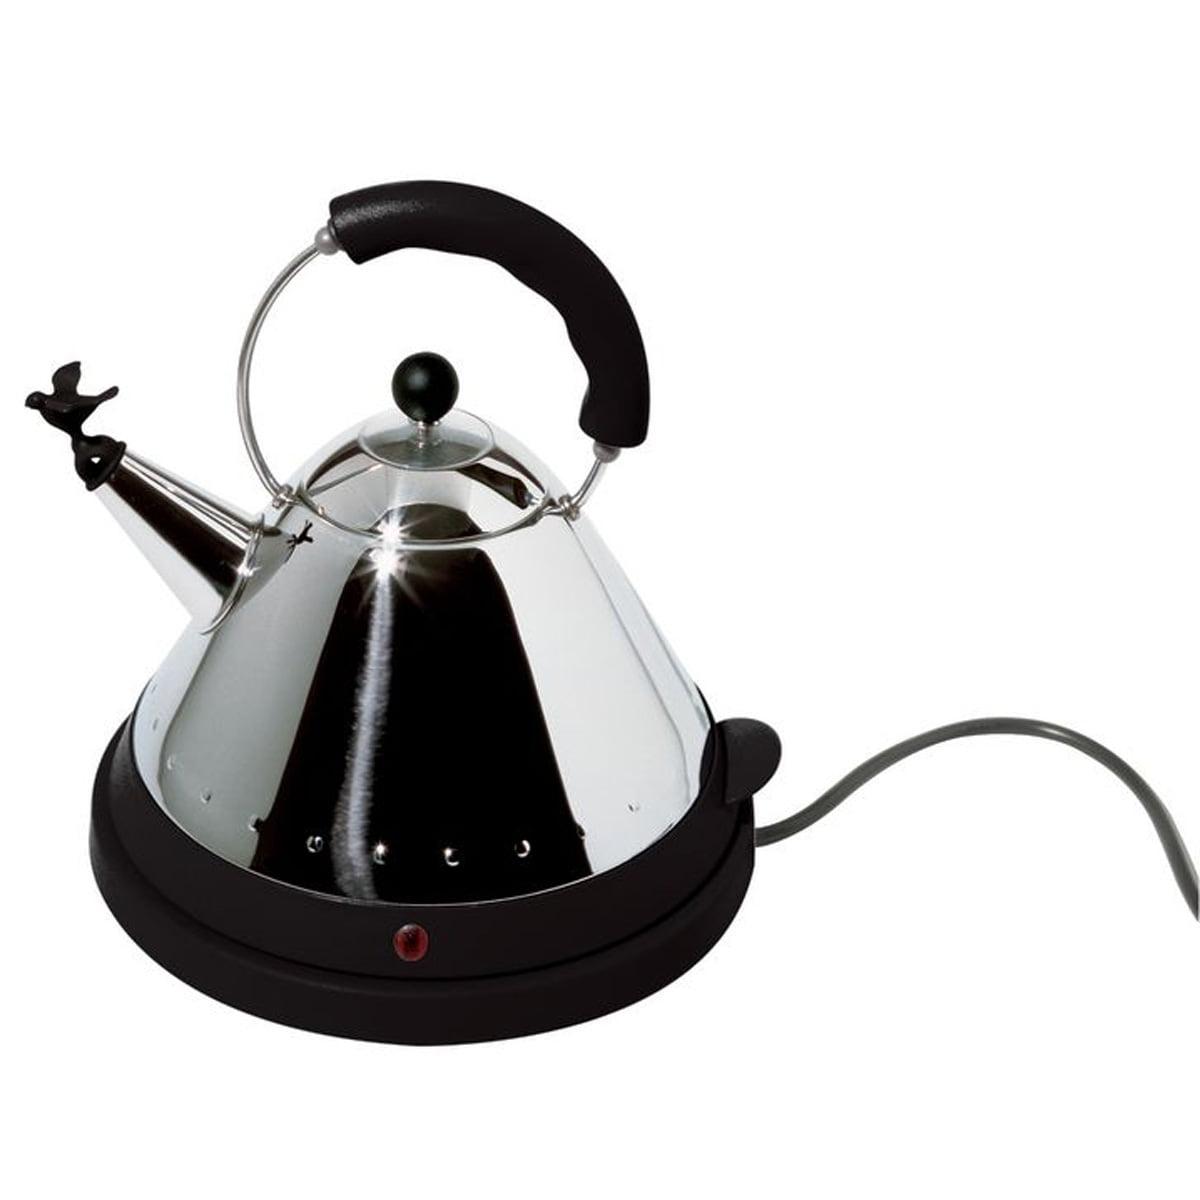 Alessi - MG32 B, elektrischer Wasserkessel (EU) | Küche und Esszimmer > Küchengeräte > Wasserkocher | Schwarz | Edelstahl glänzend poliert mit griff und aufsatz aus pa -  schwarz | Alessi